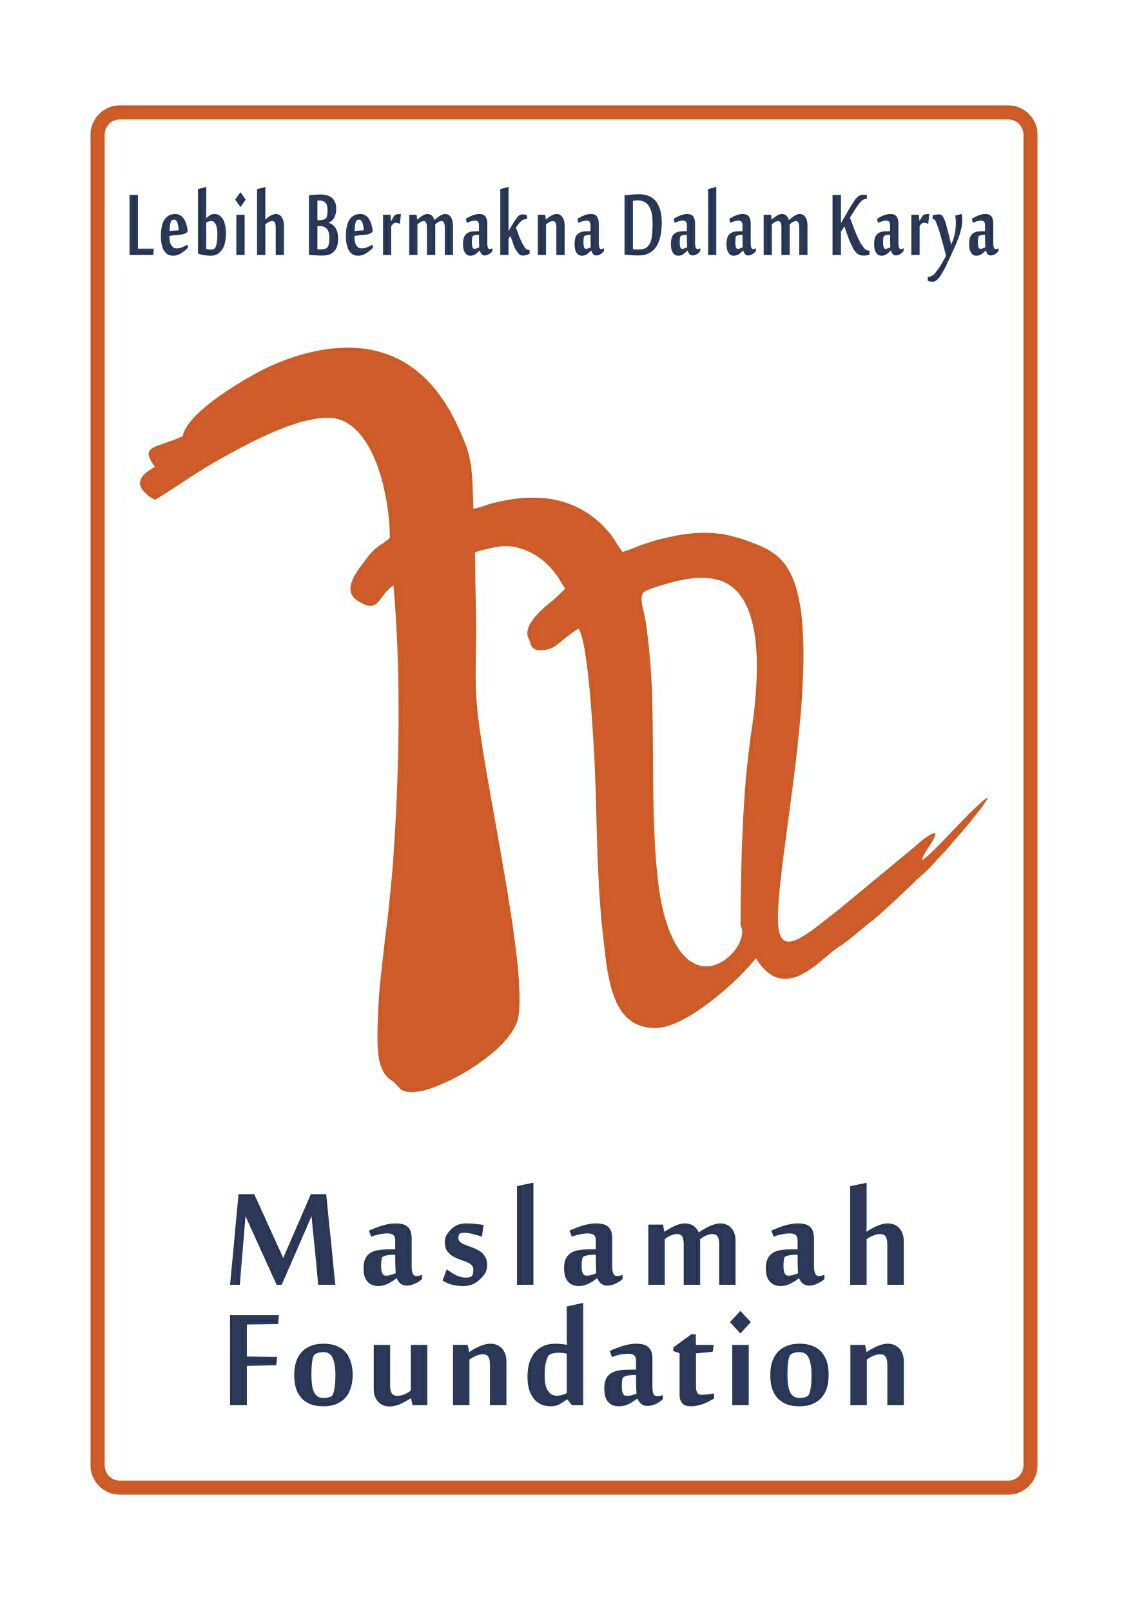 Maslamah Foundation